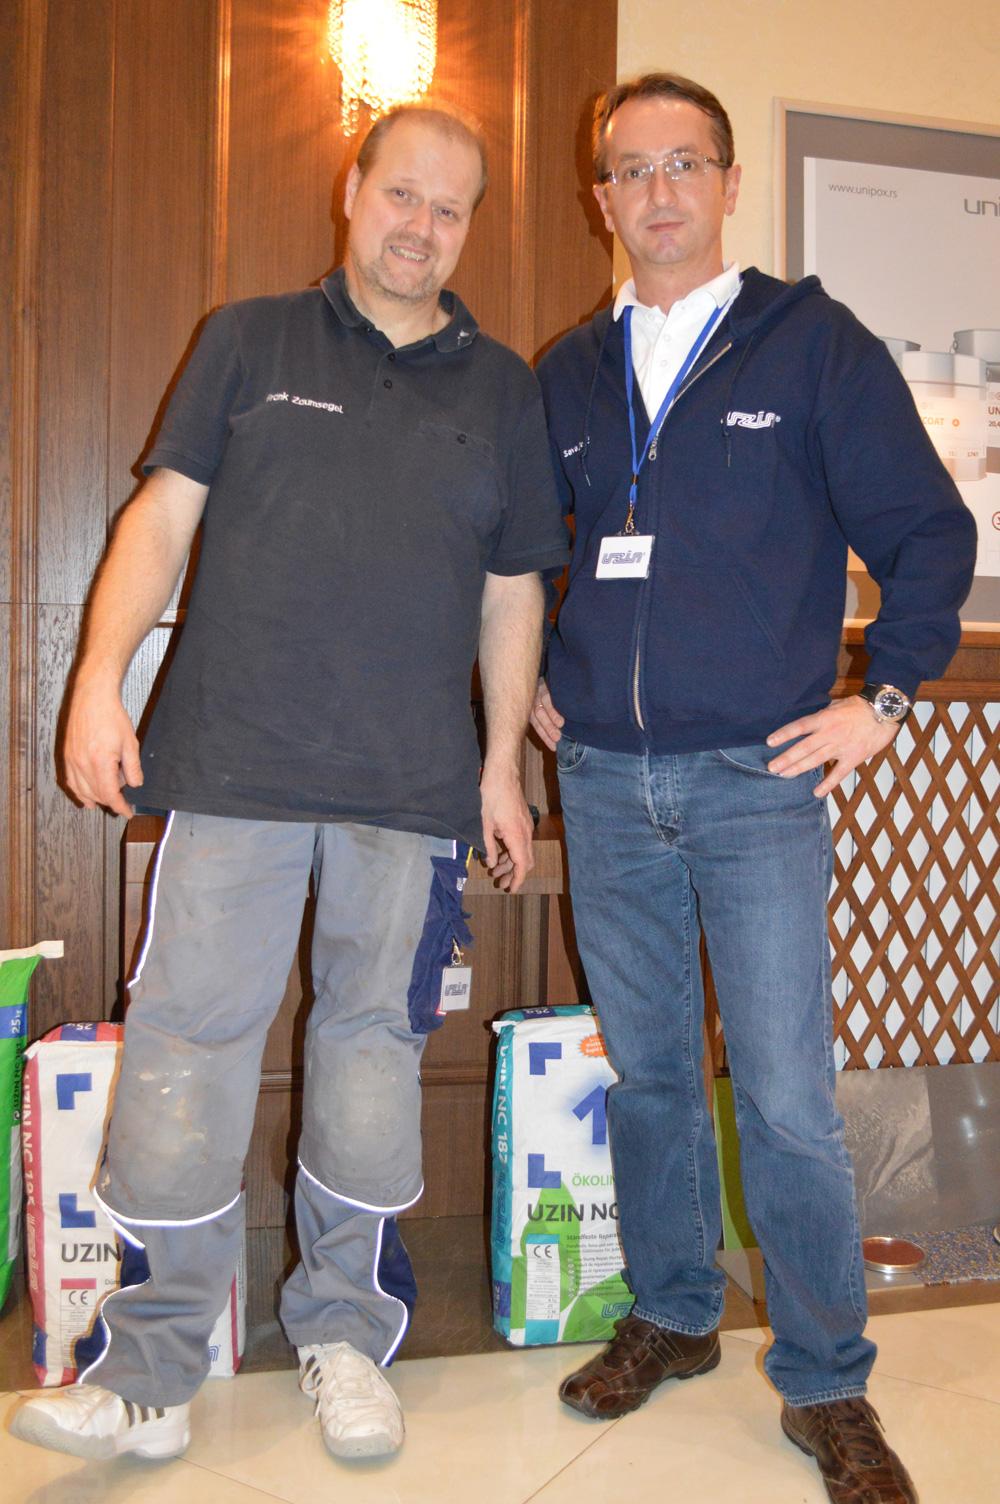 UZIN proizvode je prezentovao Frank Zaumsegel iz Nemačke i Sava Jojić iz beogradskog predstavništva